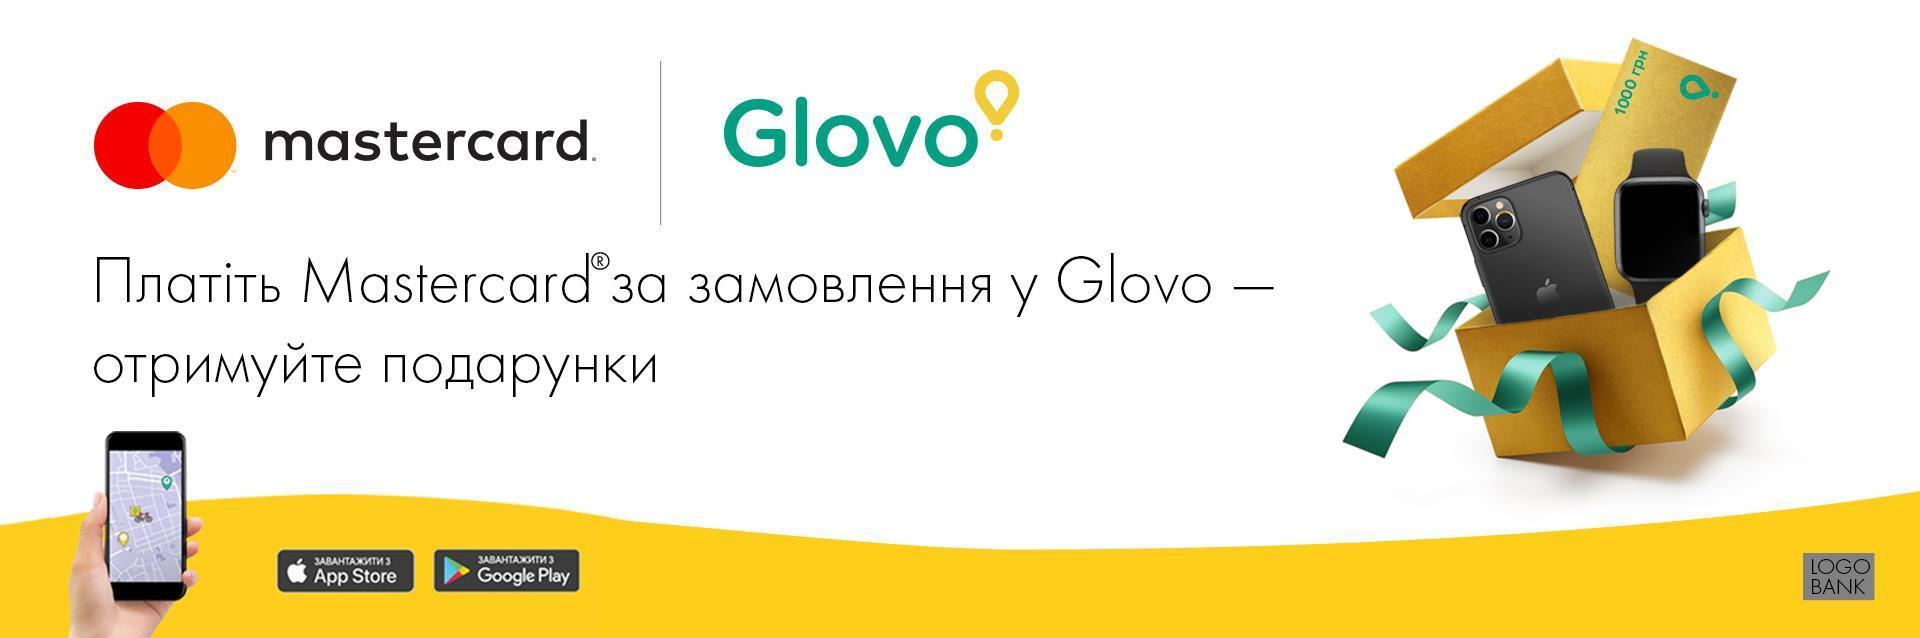 Платіть Mastercard за замовлення у Glovo - отримуйте подарунки - фото - mtb.ua